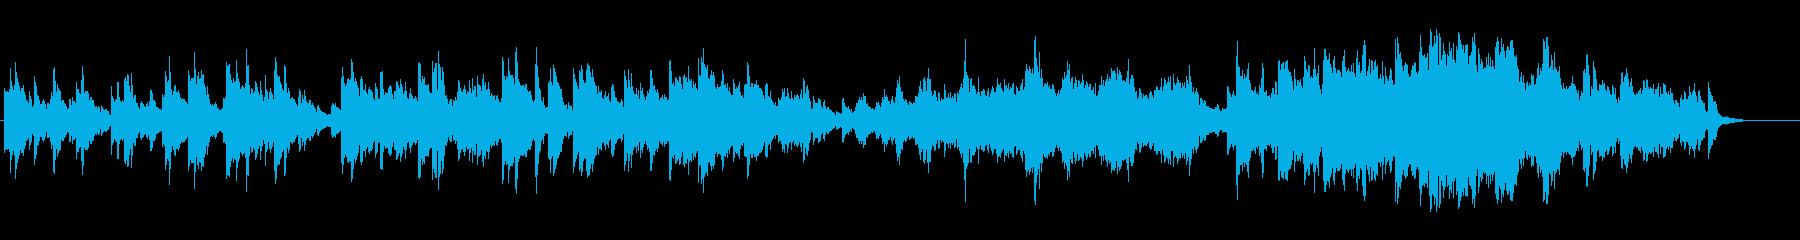 アンニュイなピアノのアンビ系バラードの再生済みの波形